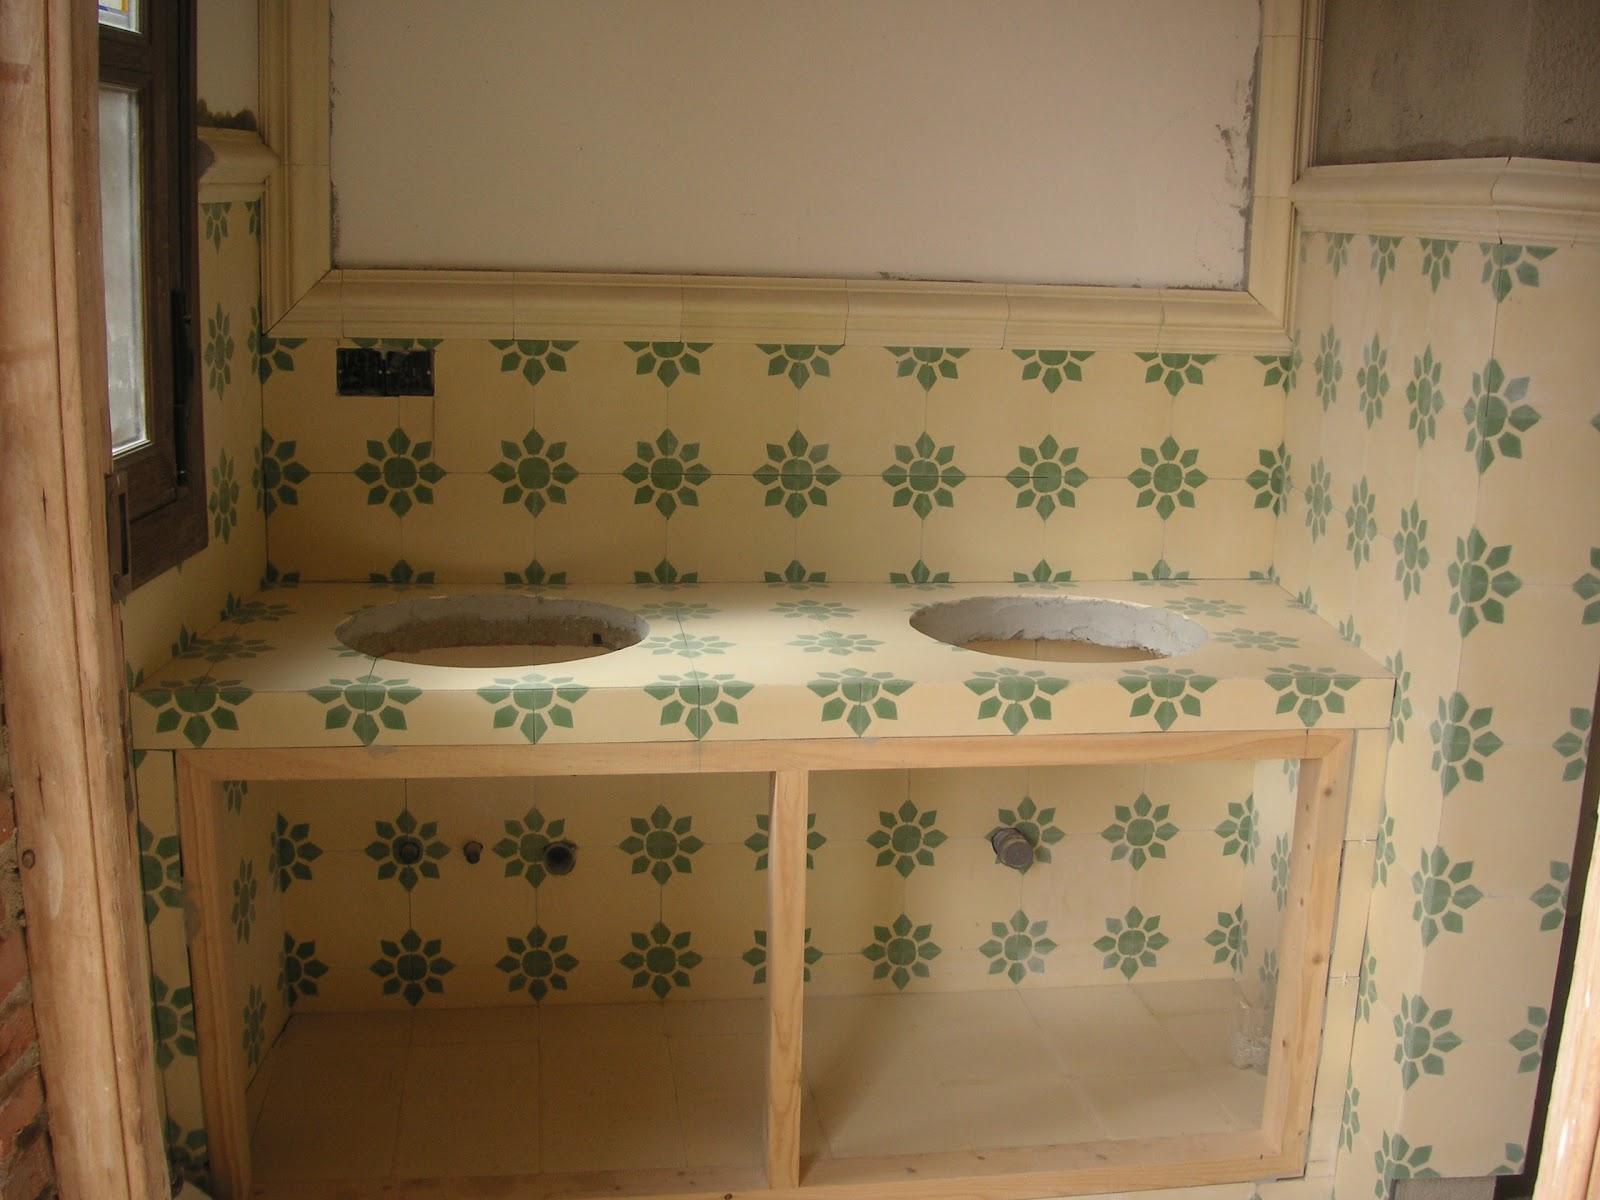 casa 1 zementfliesen casa 1 zementfliesen verlegen. Black Bedroom Furniture Sets. Home Design Ideas